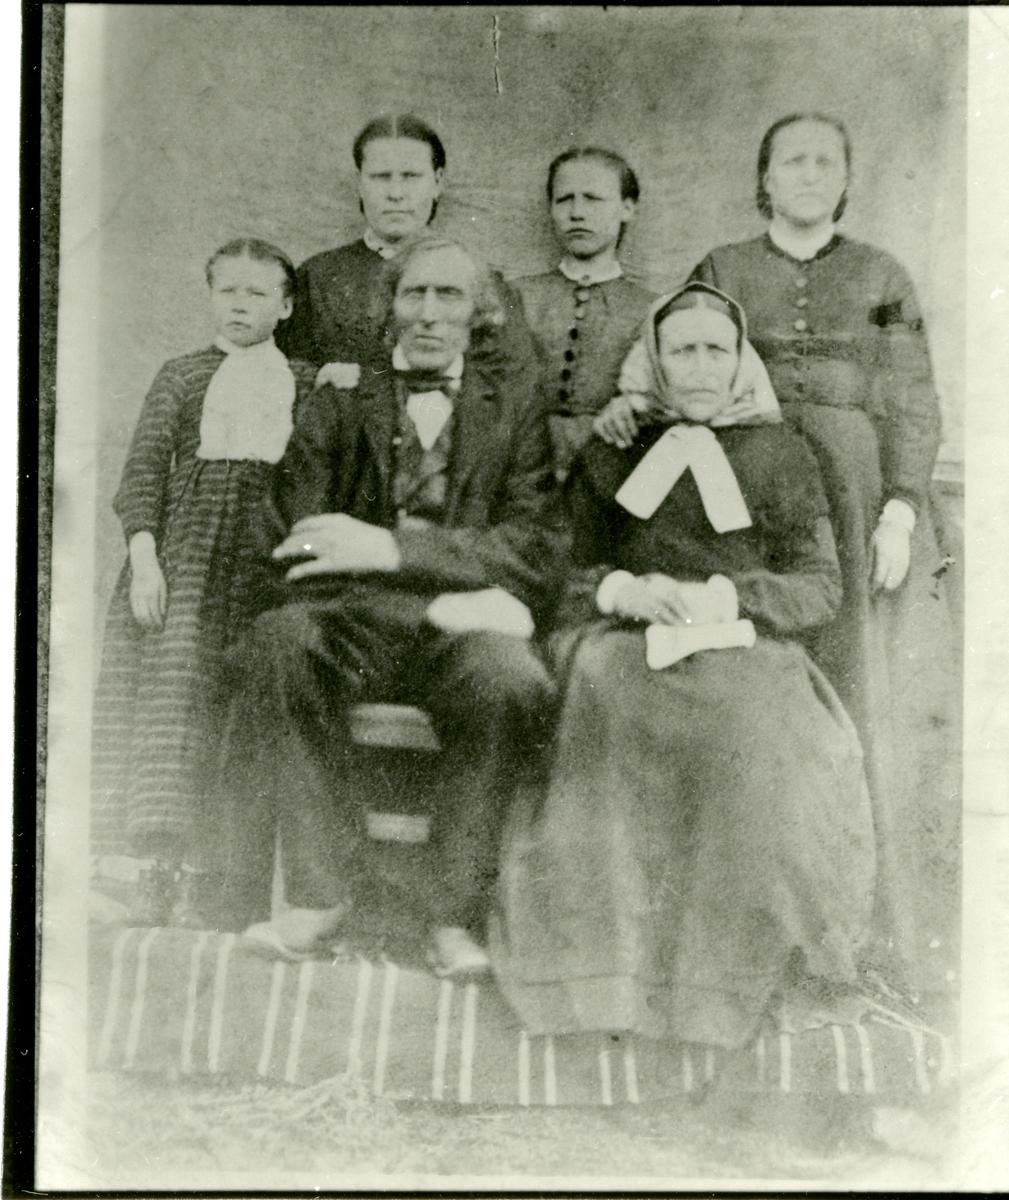 Familieportrett av Per Listrud og kona Gunhild, sammen med barna.